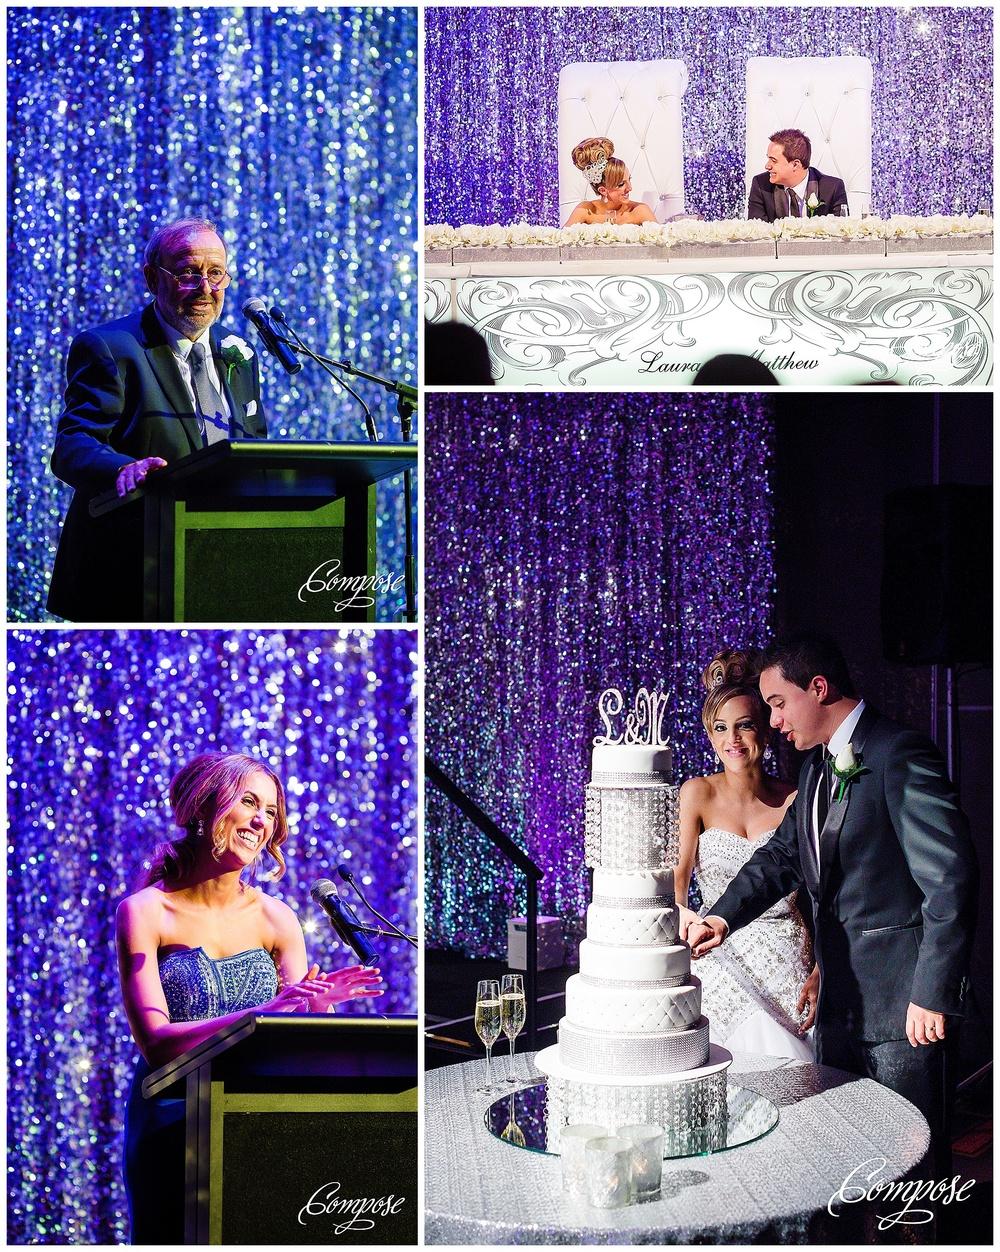 Wedding reception table backdrop